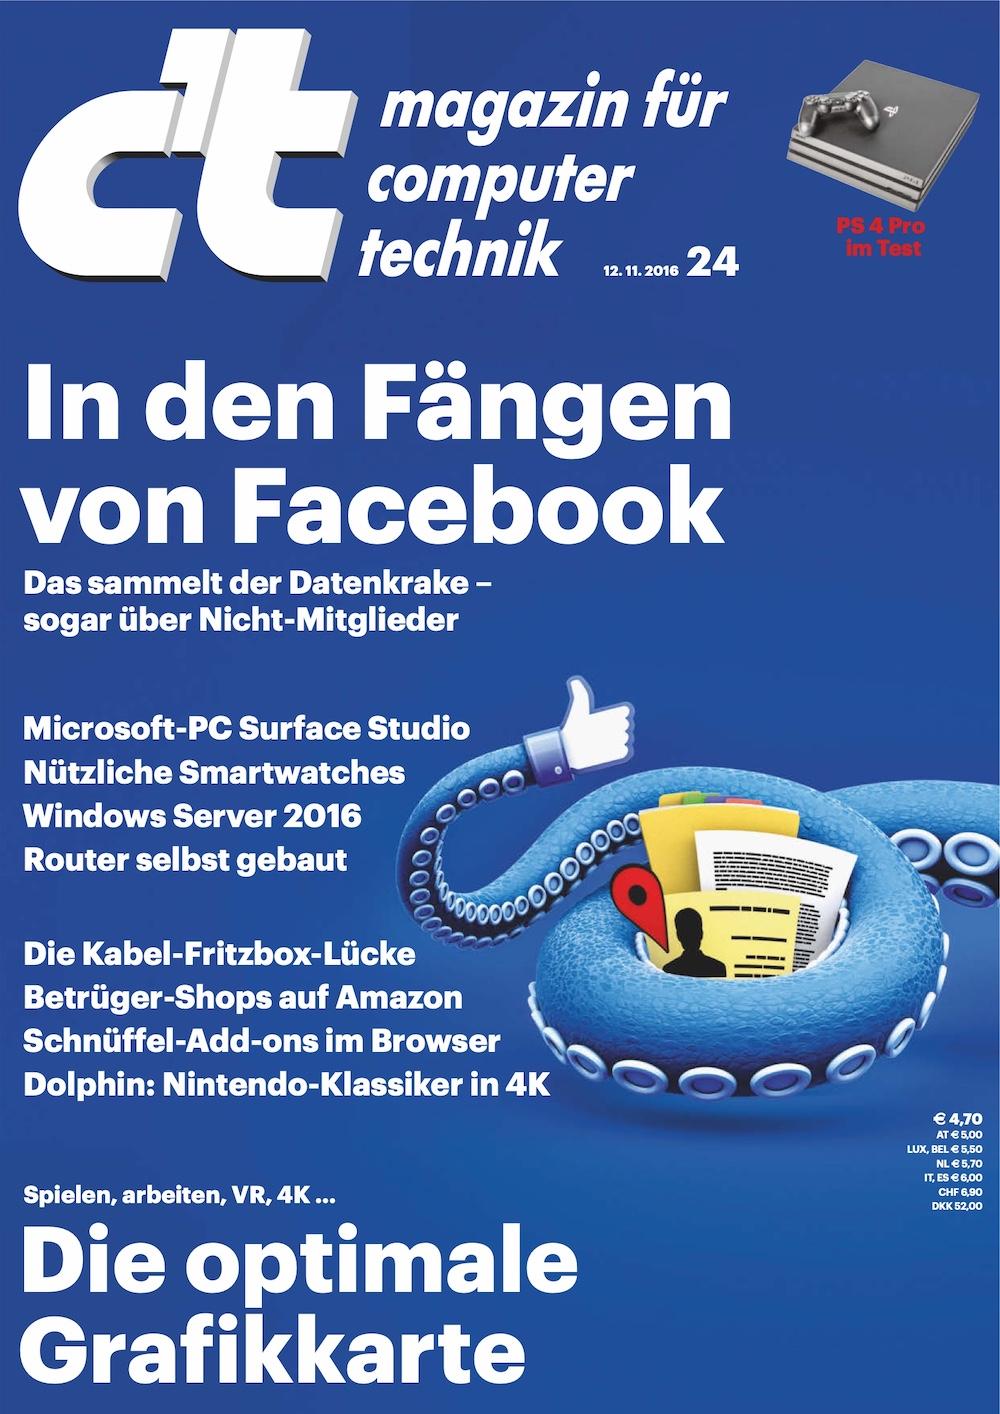 c't Magazin 2016-24